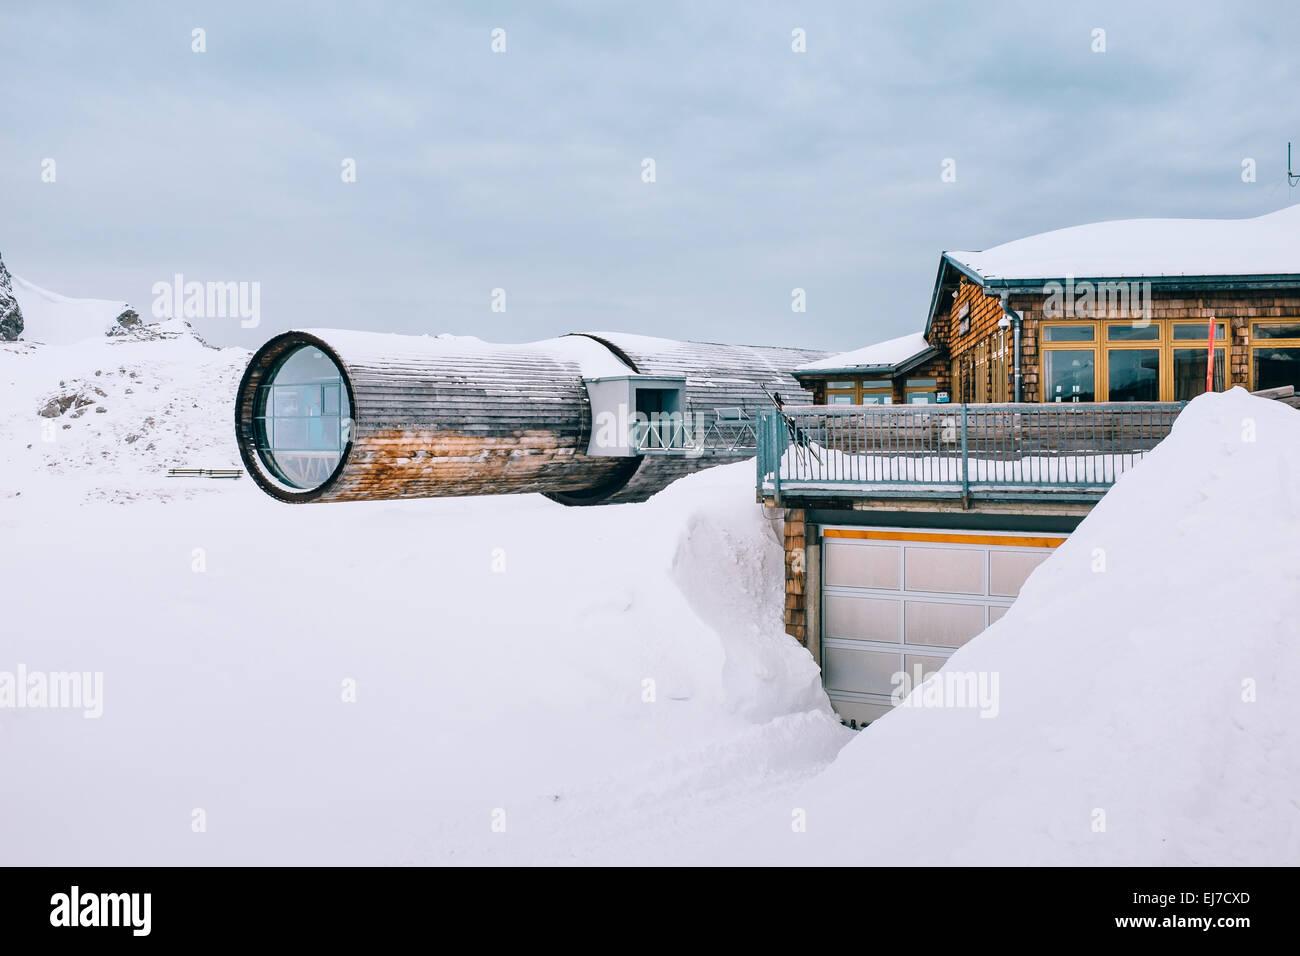 Bergwelt informationcentre on Karwendel mountain , Mittenwald , Bavaria, Germany - Stock Image